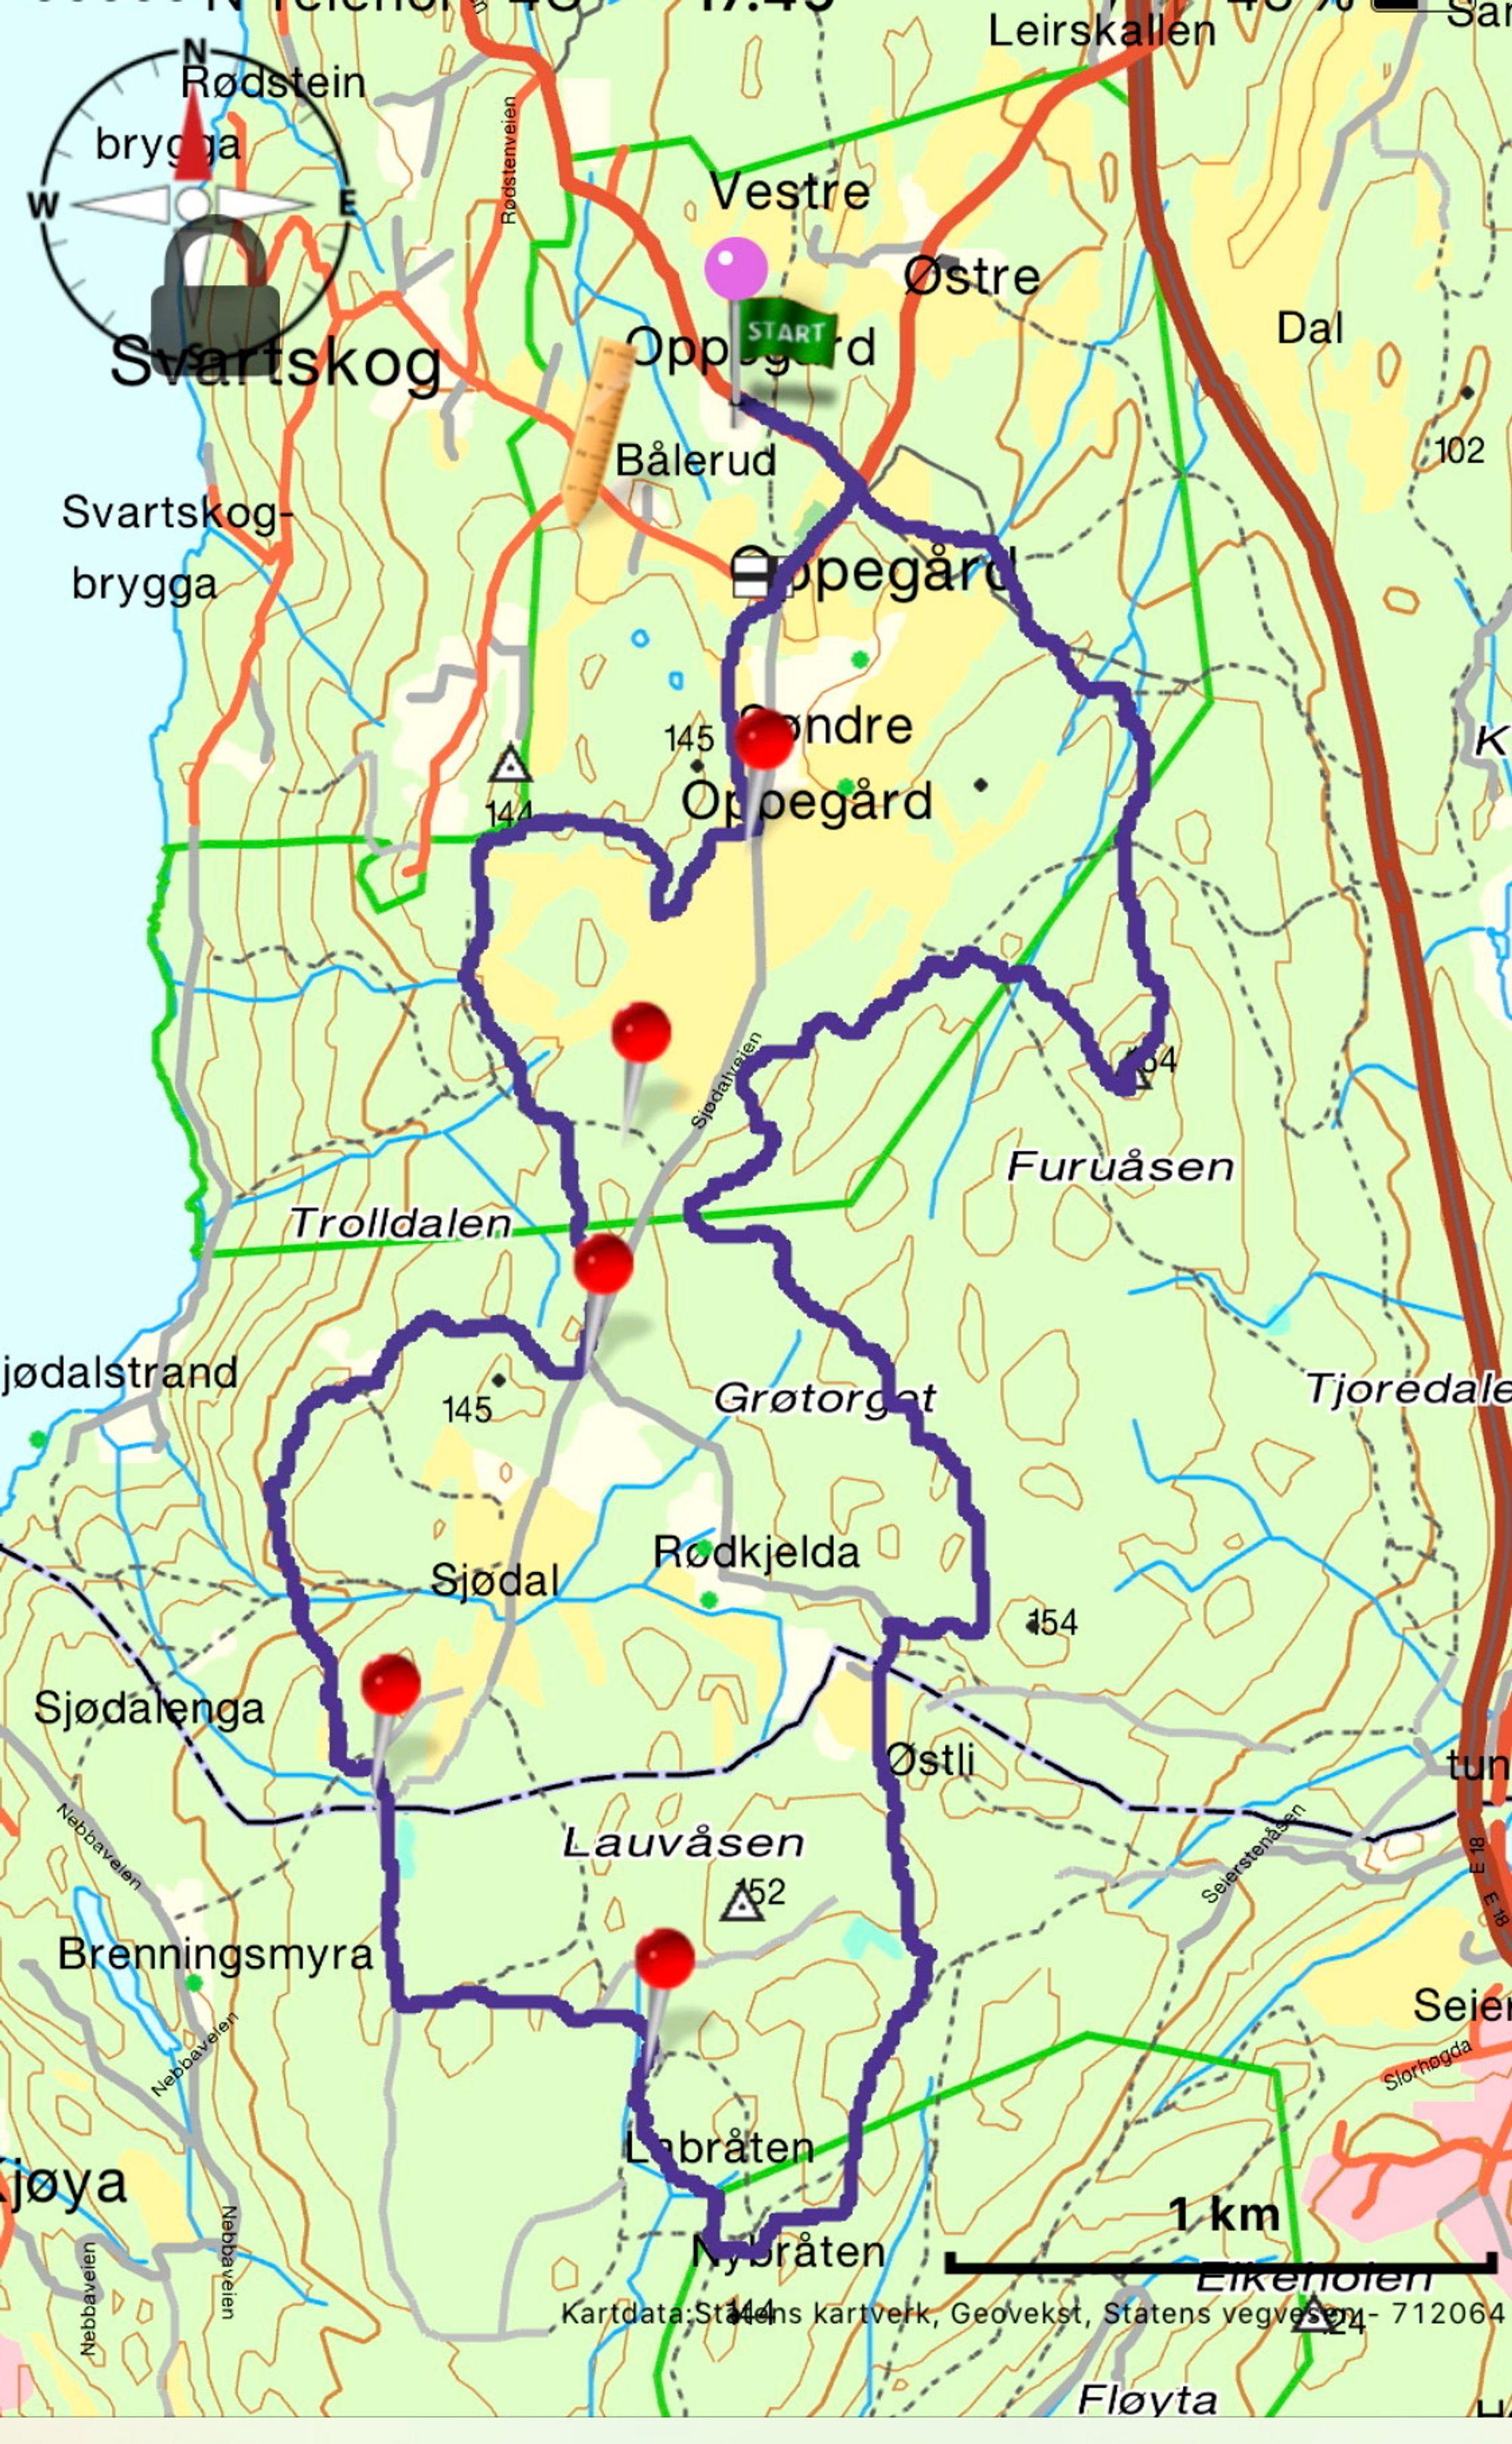 LØYPEKART: Klikk på bildet for høyoppløselig og større versjon av løypekartet for Svartskogløpet.